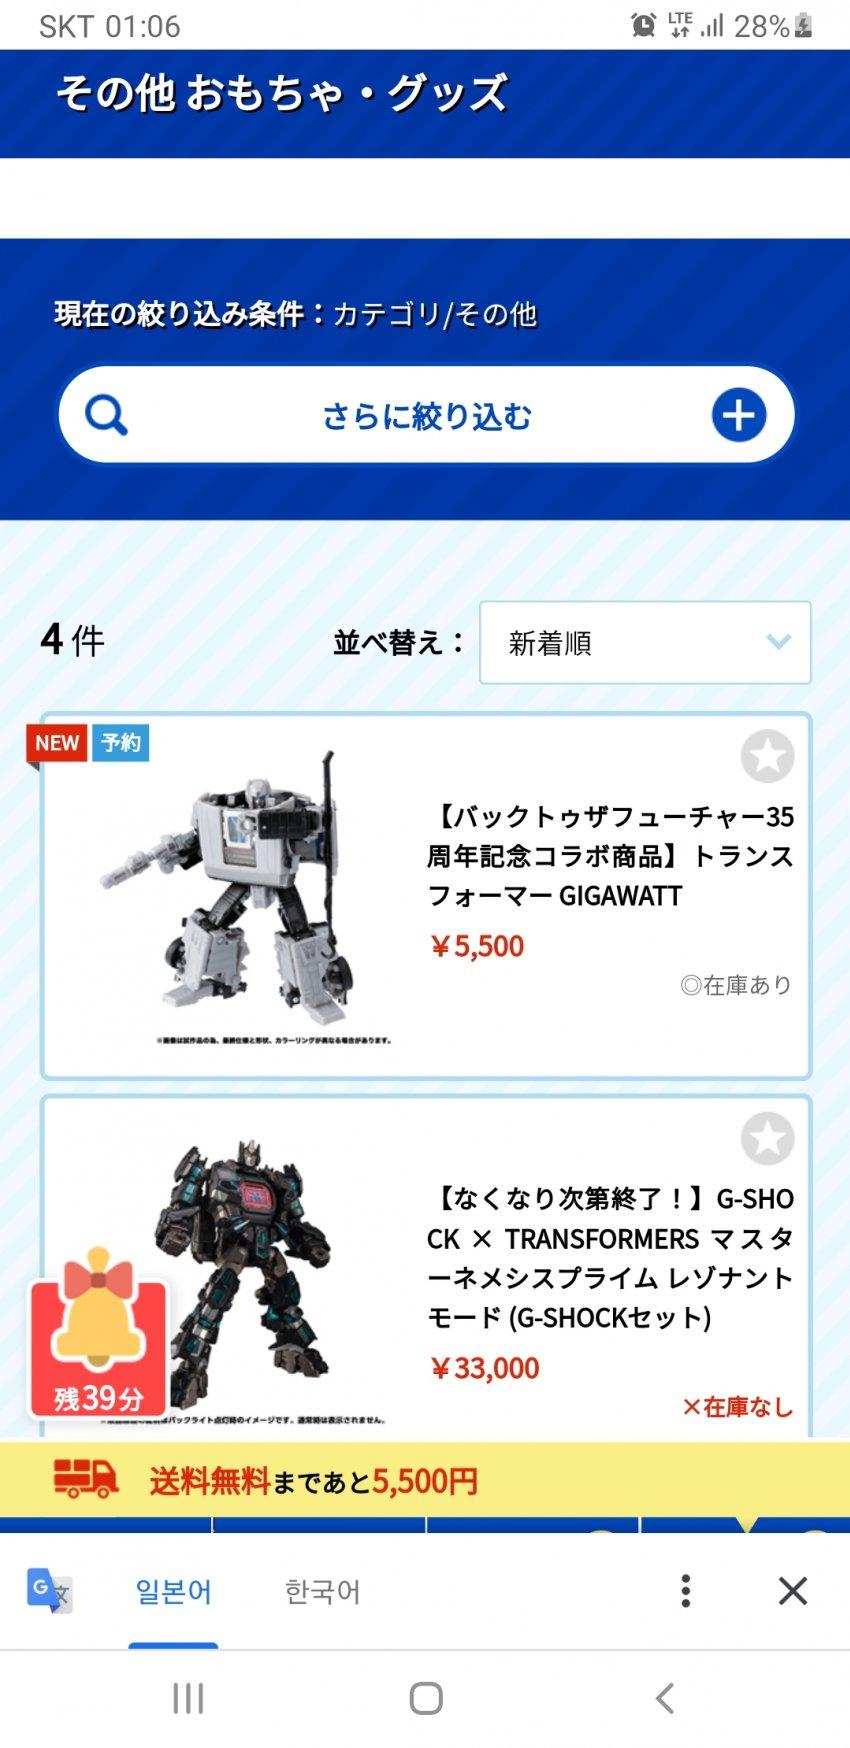 viewimage.php?id=39afd128f6d437b463bac4a6&no=24b0d769e1d32ca73dec87fa11d0283123a3619b5f9530e1a1316068e1dfca0a9973cd6224b733ea72b25d746428b4801249b127c51cef165fc4dd1c64fd6dd45d3557eacca9c5cbd77cef5346302897741334d728207e116ceb806cf4d05fb2a4f68d10e5894eb4d6